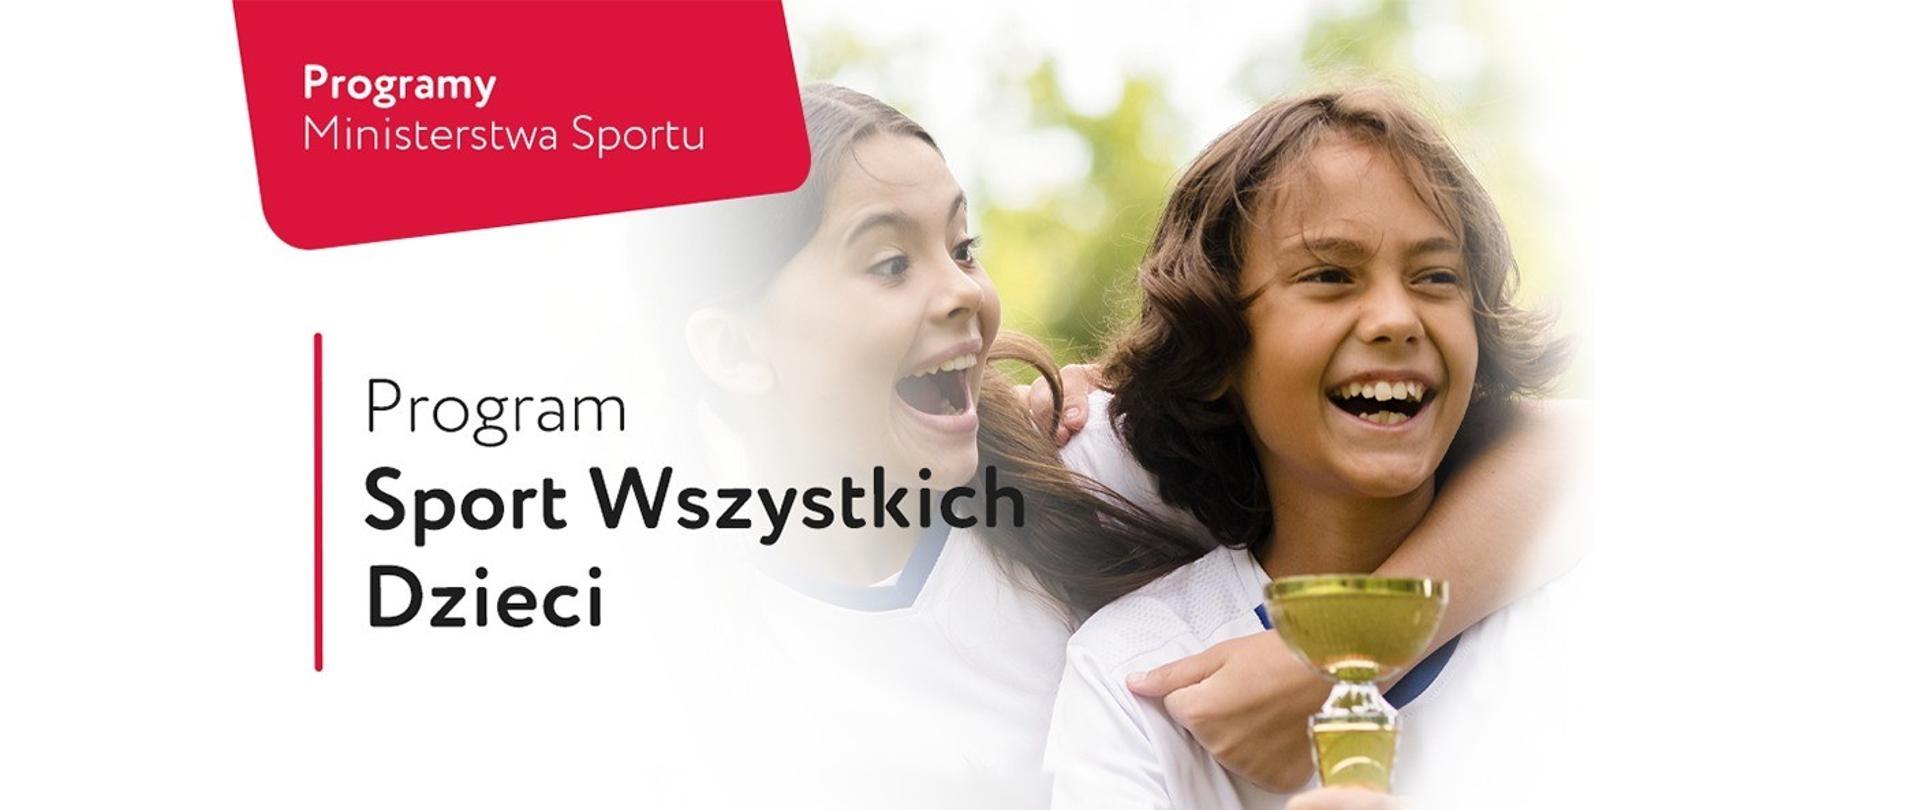 Grafika informująca o Programie Sport Wszystkich Dzieci 2021. Na zdjęciu radosne dzieci trzymające puchar.